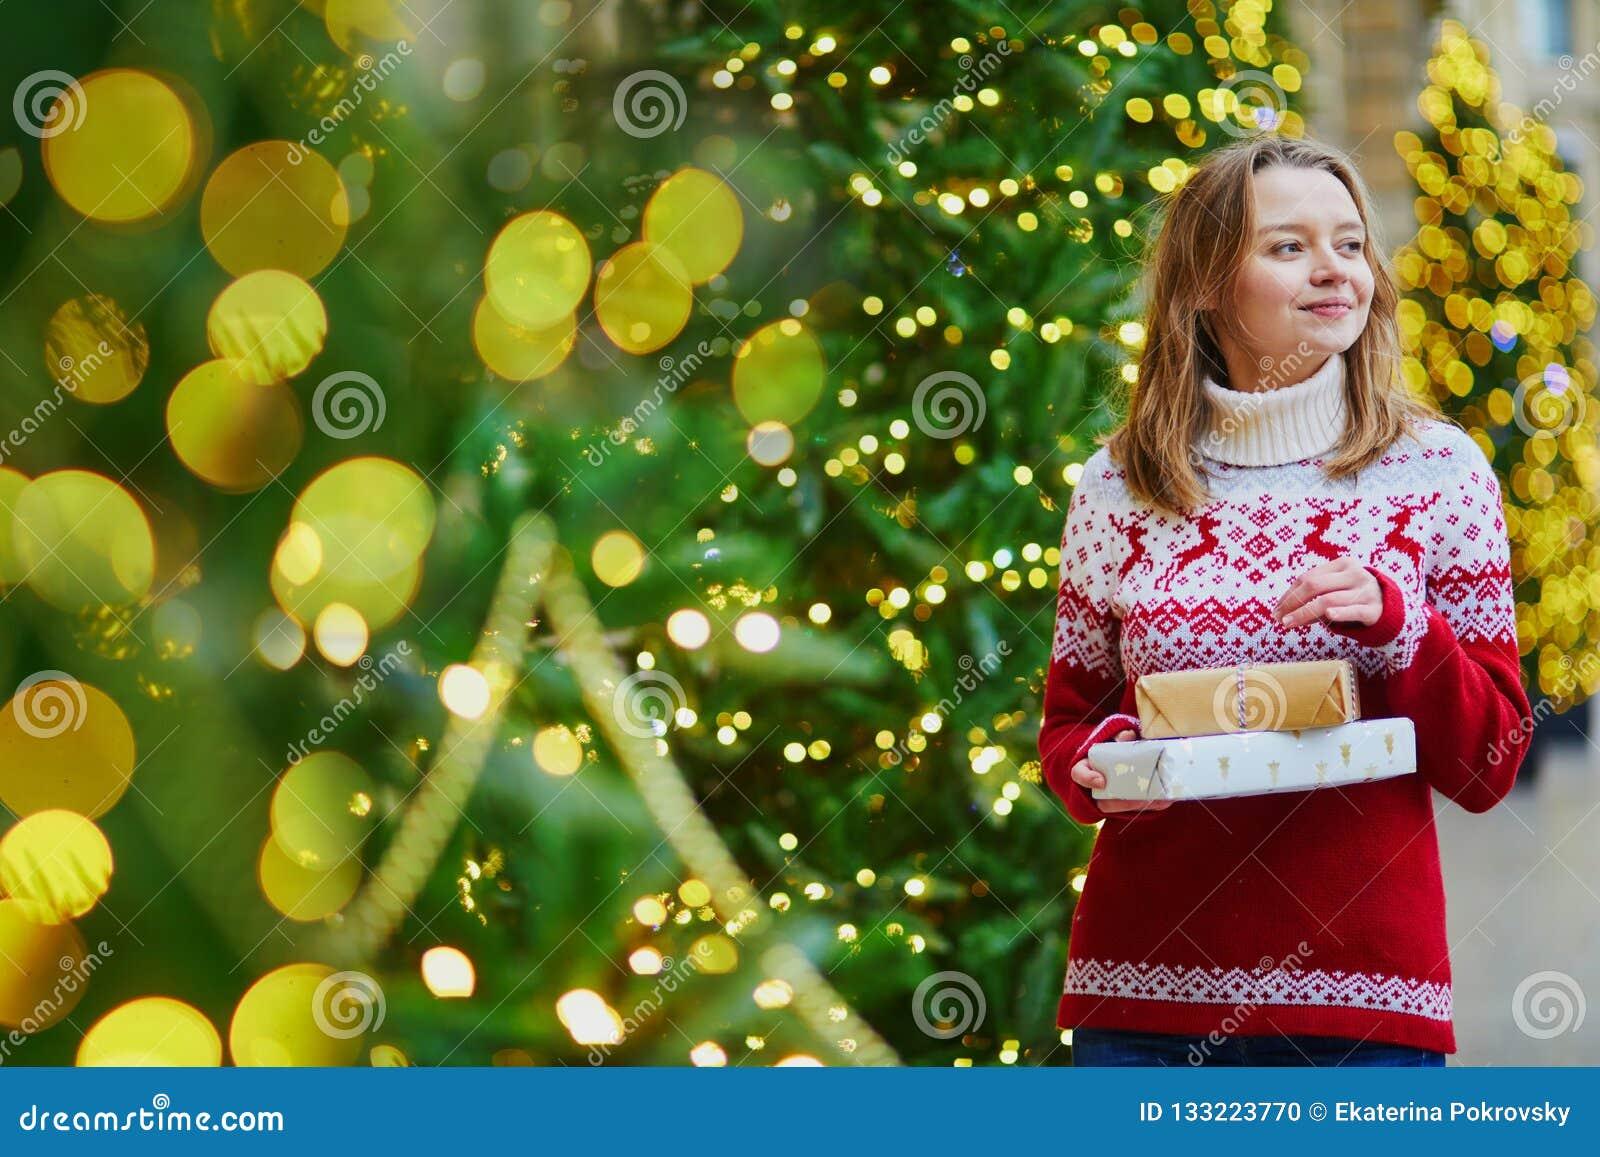 Regali Di Natale Ragazza.Ragazza Felice In Maglione Di Festa Con Il Mucchio Dei Regali Di